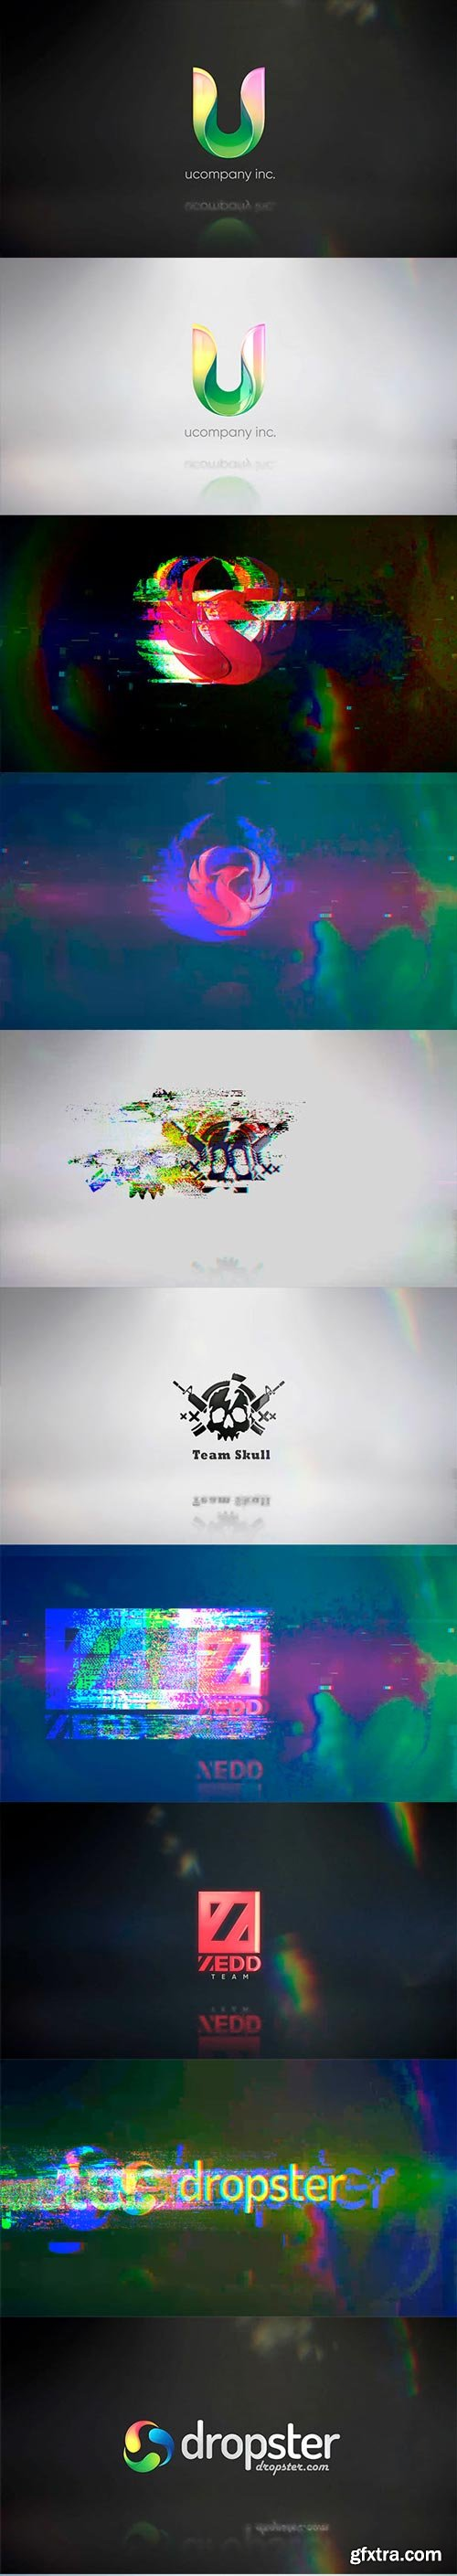 Videohive - Glitch Logo - 25550043